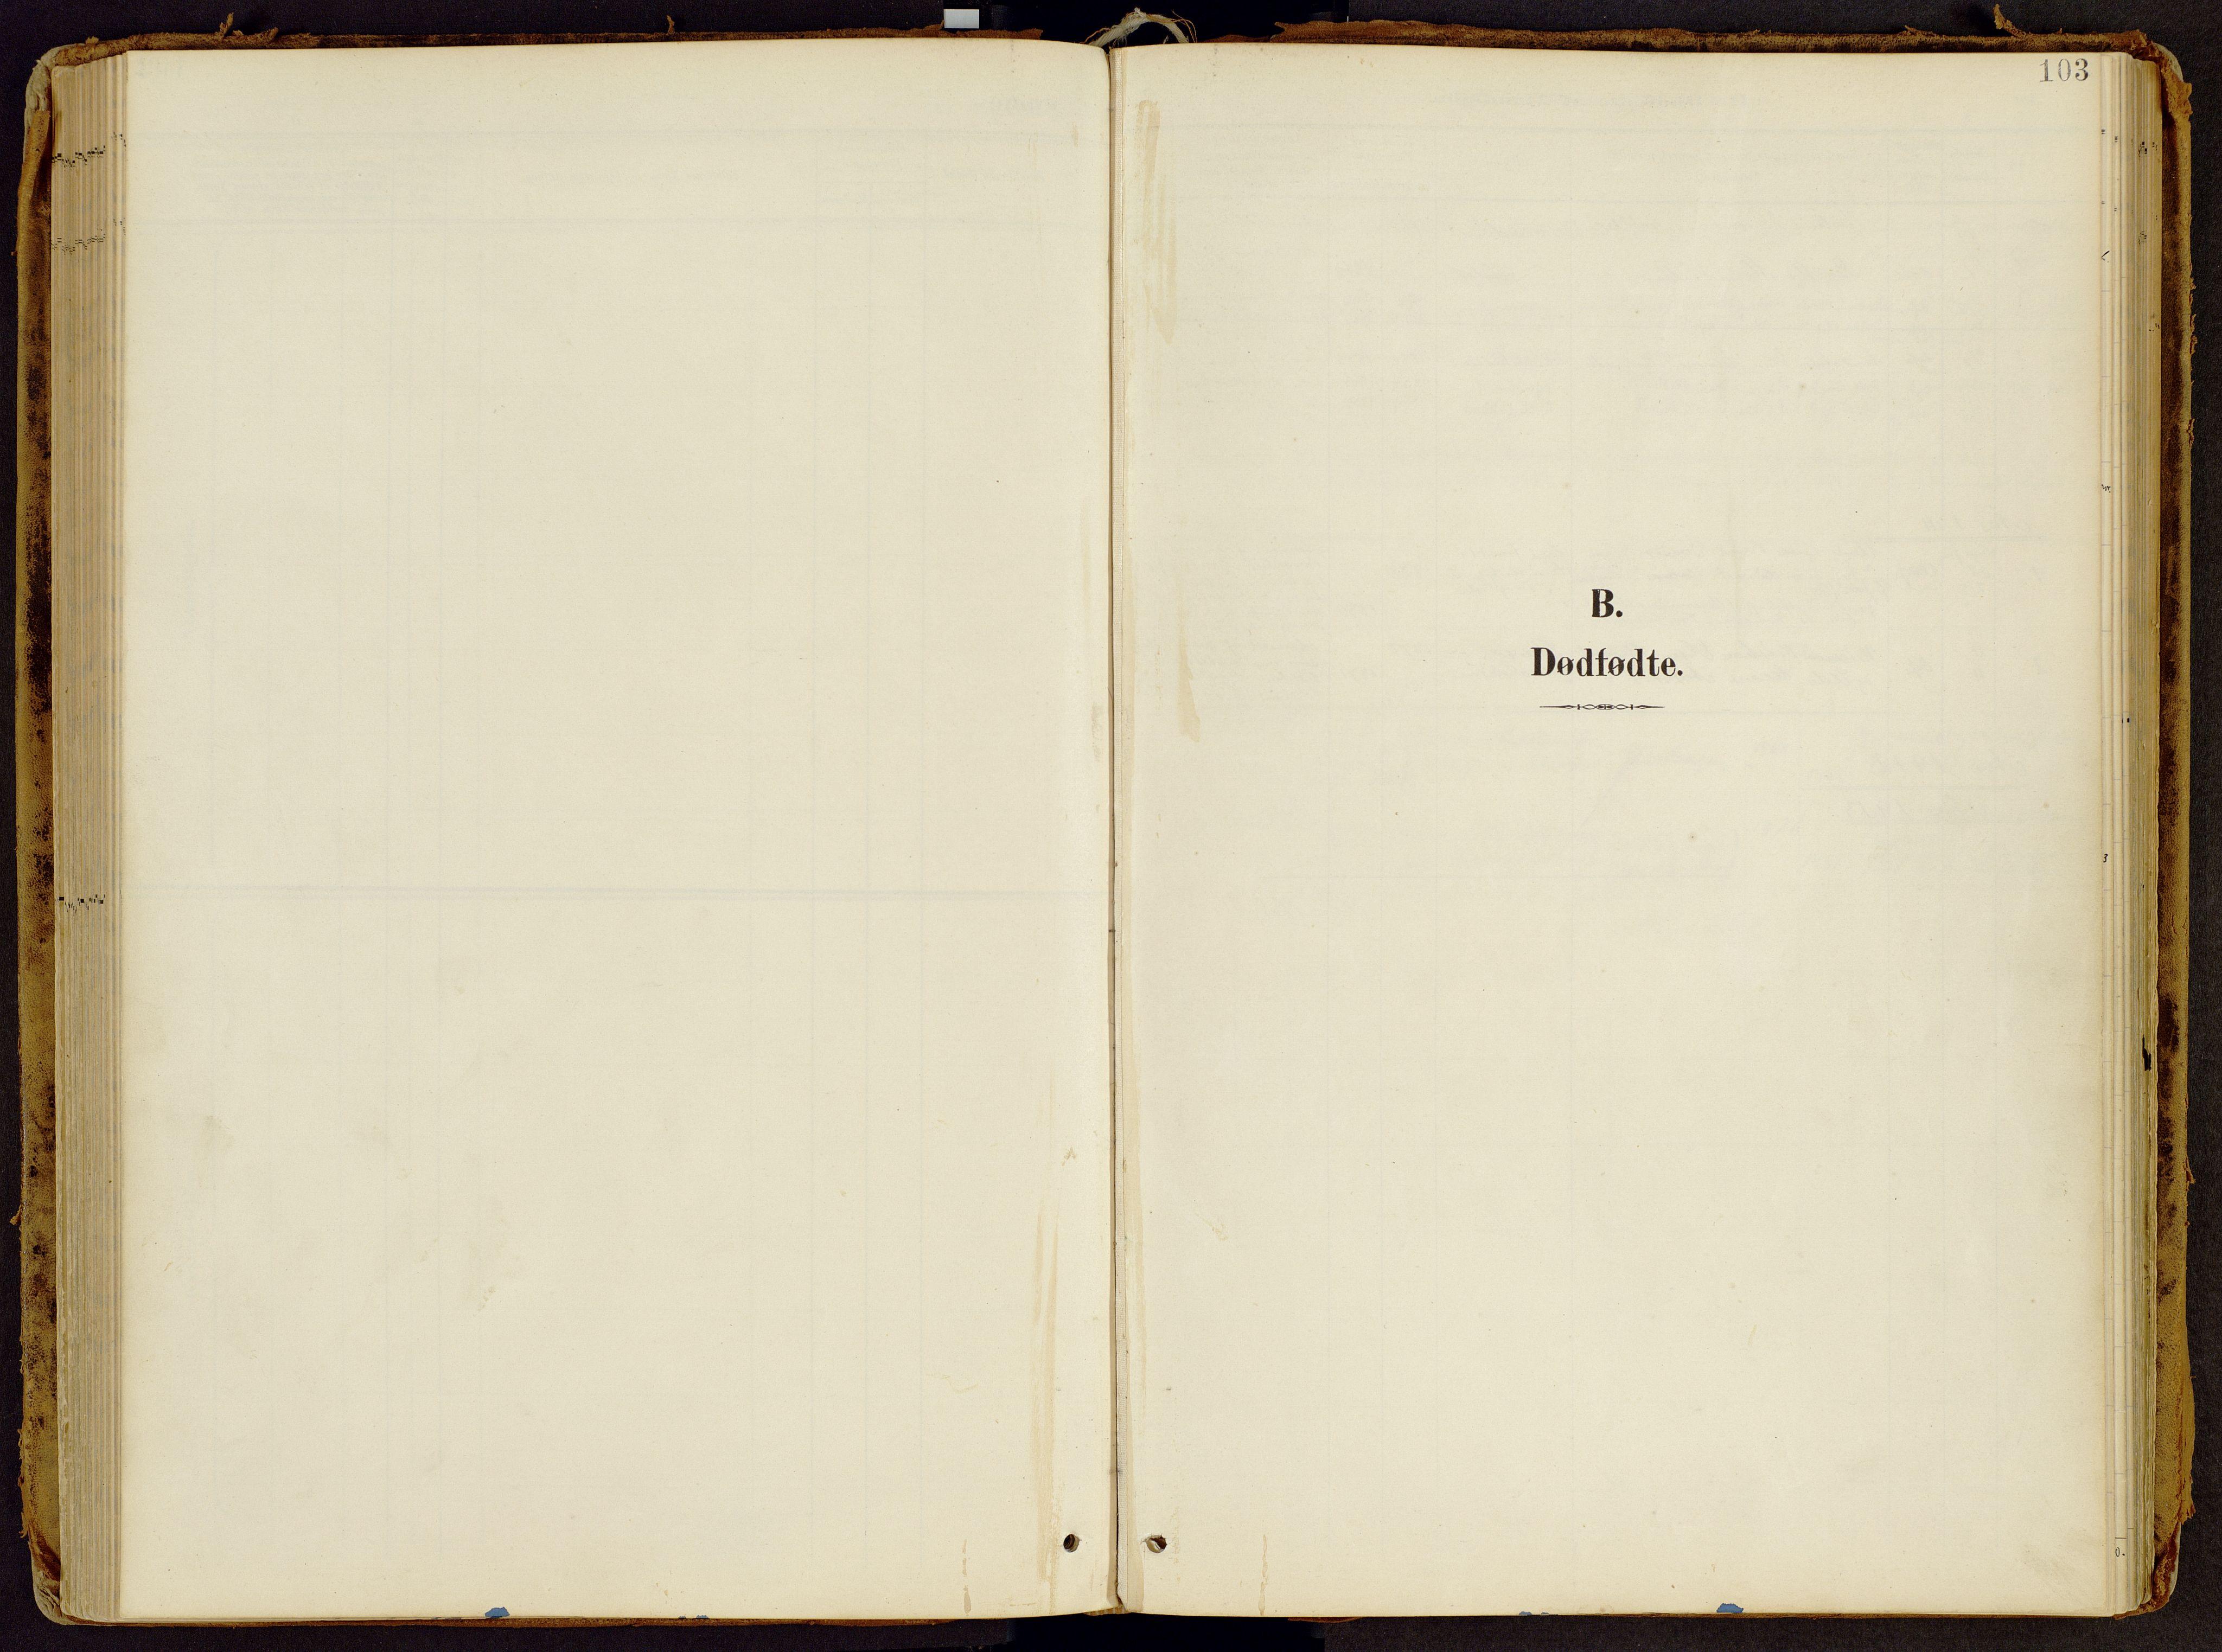 SAH, Brandbu prestekontor, Ministerialbok nr. 2, 1899-1914, s. 103